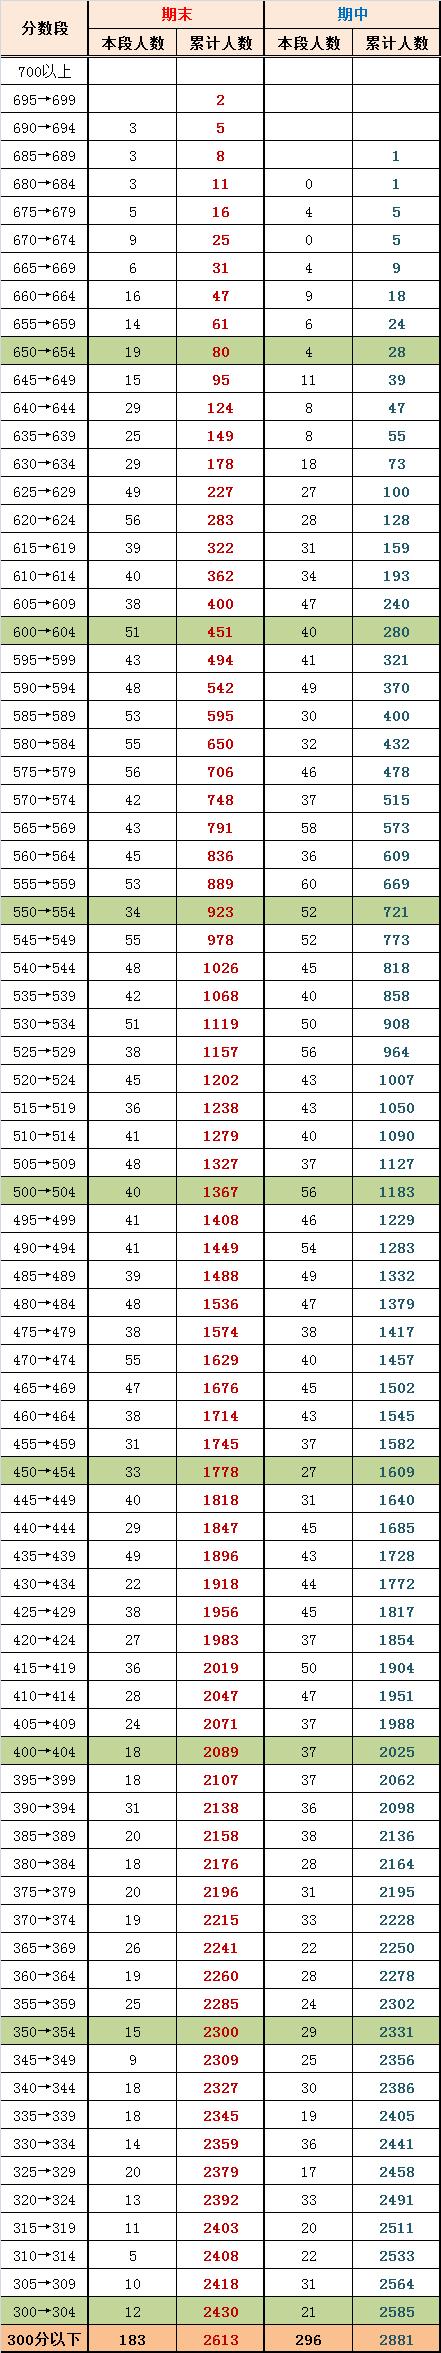 2014年北京海淀区高三期末考试排名与期中对比(文)